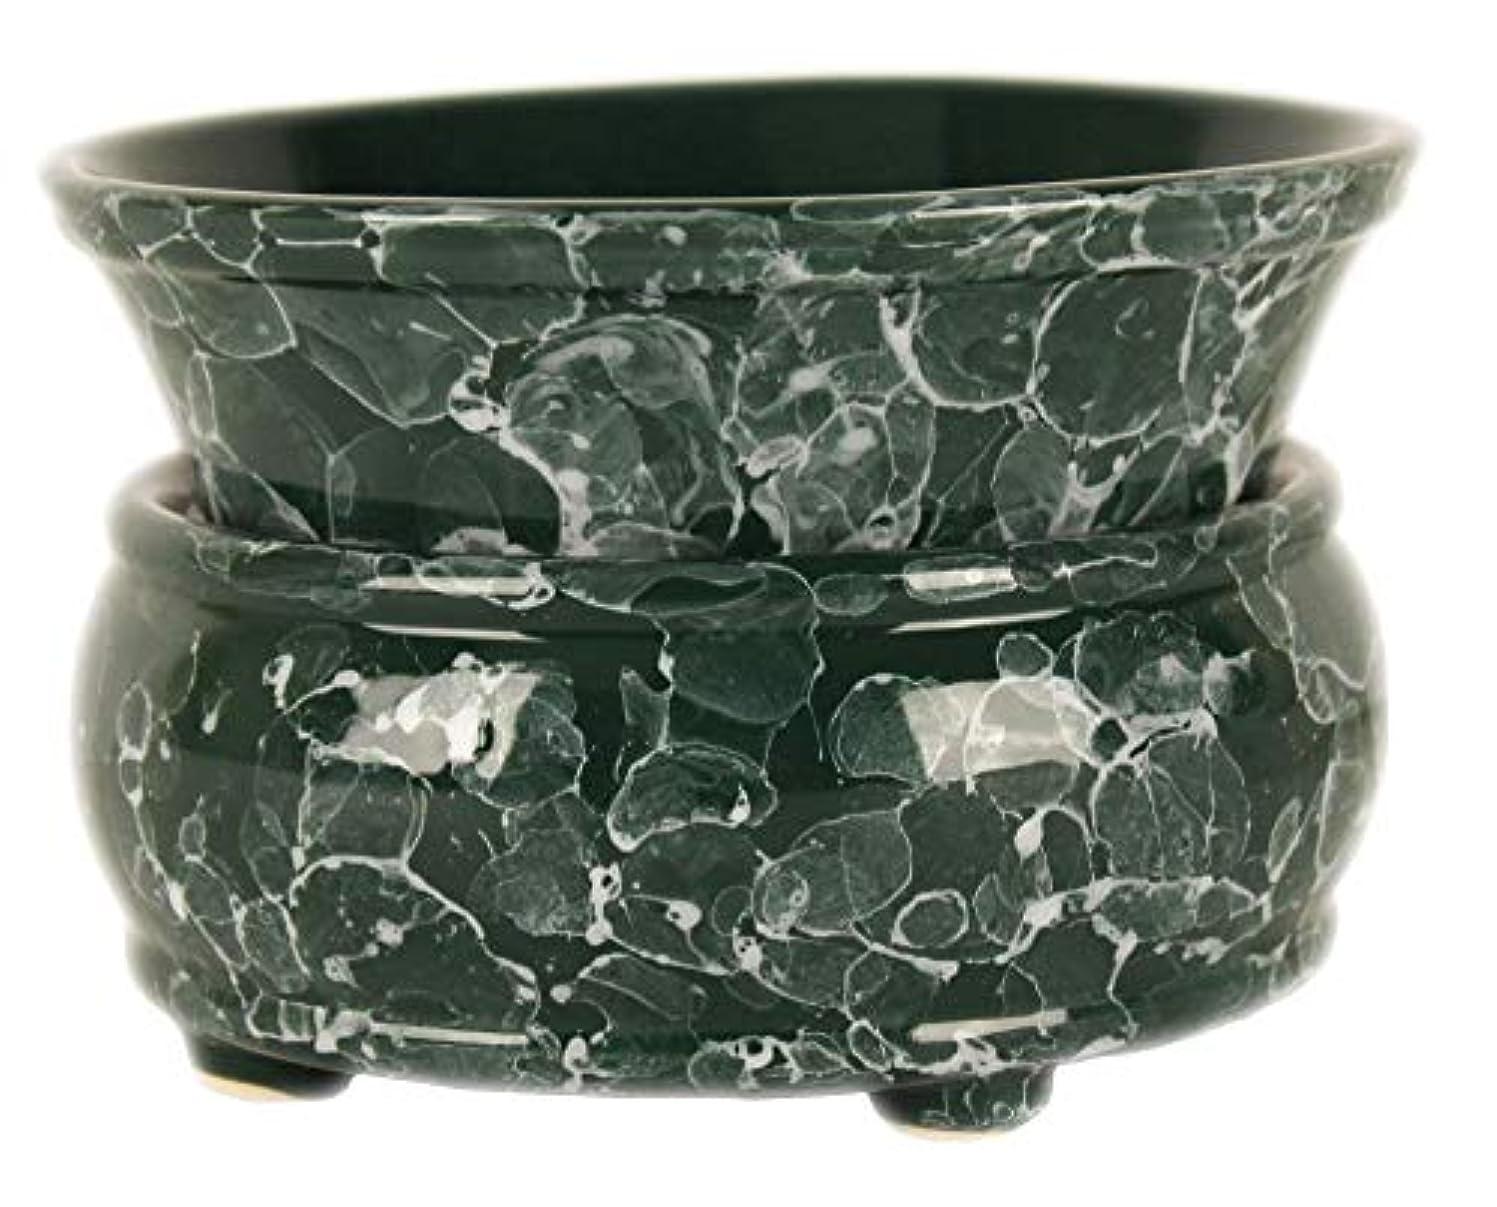 松適格顕著元Candle Warmer – 2イン1 Air Freshener – グリーンElectricワックスキューブMelter – Aroma Diffuser – Odor Eliminating Burner